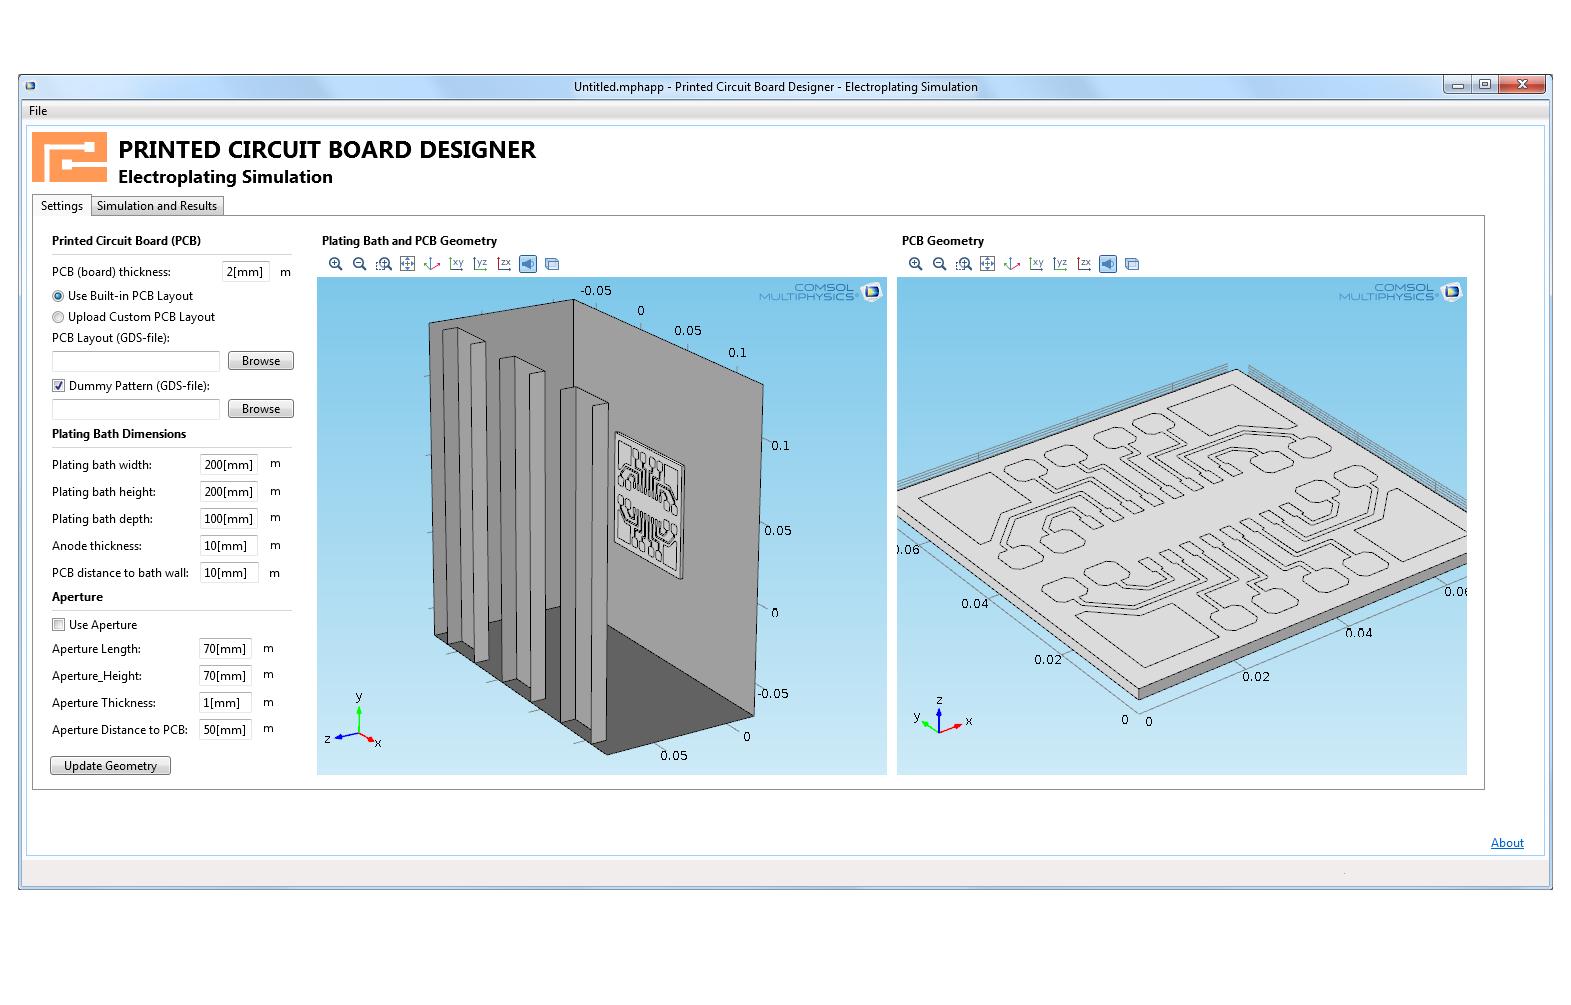 根據電鍍印刷電路板(PCB) 的COMSOL 模型構建的COMSOL App 中的設置功能。 內置到App 是能夠操作大量不同浴和孔徑幾何維度,以及上傳您自己的設計。 這使您可以研究不同參數(例如鍍速、佈局和浴設置)情況下印刷電路板(PCB) 中銅電路的厚度和均勻度。 此App 還可用於找出給定均勻度目標的最佳沉積速率,以及找出陽極與PCB 之間孔徑(防護板)的最佳設計。